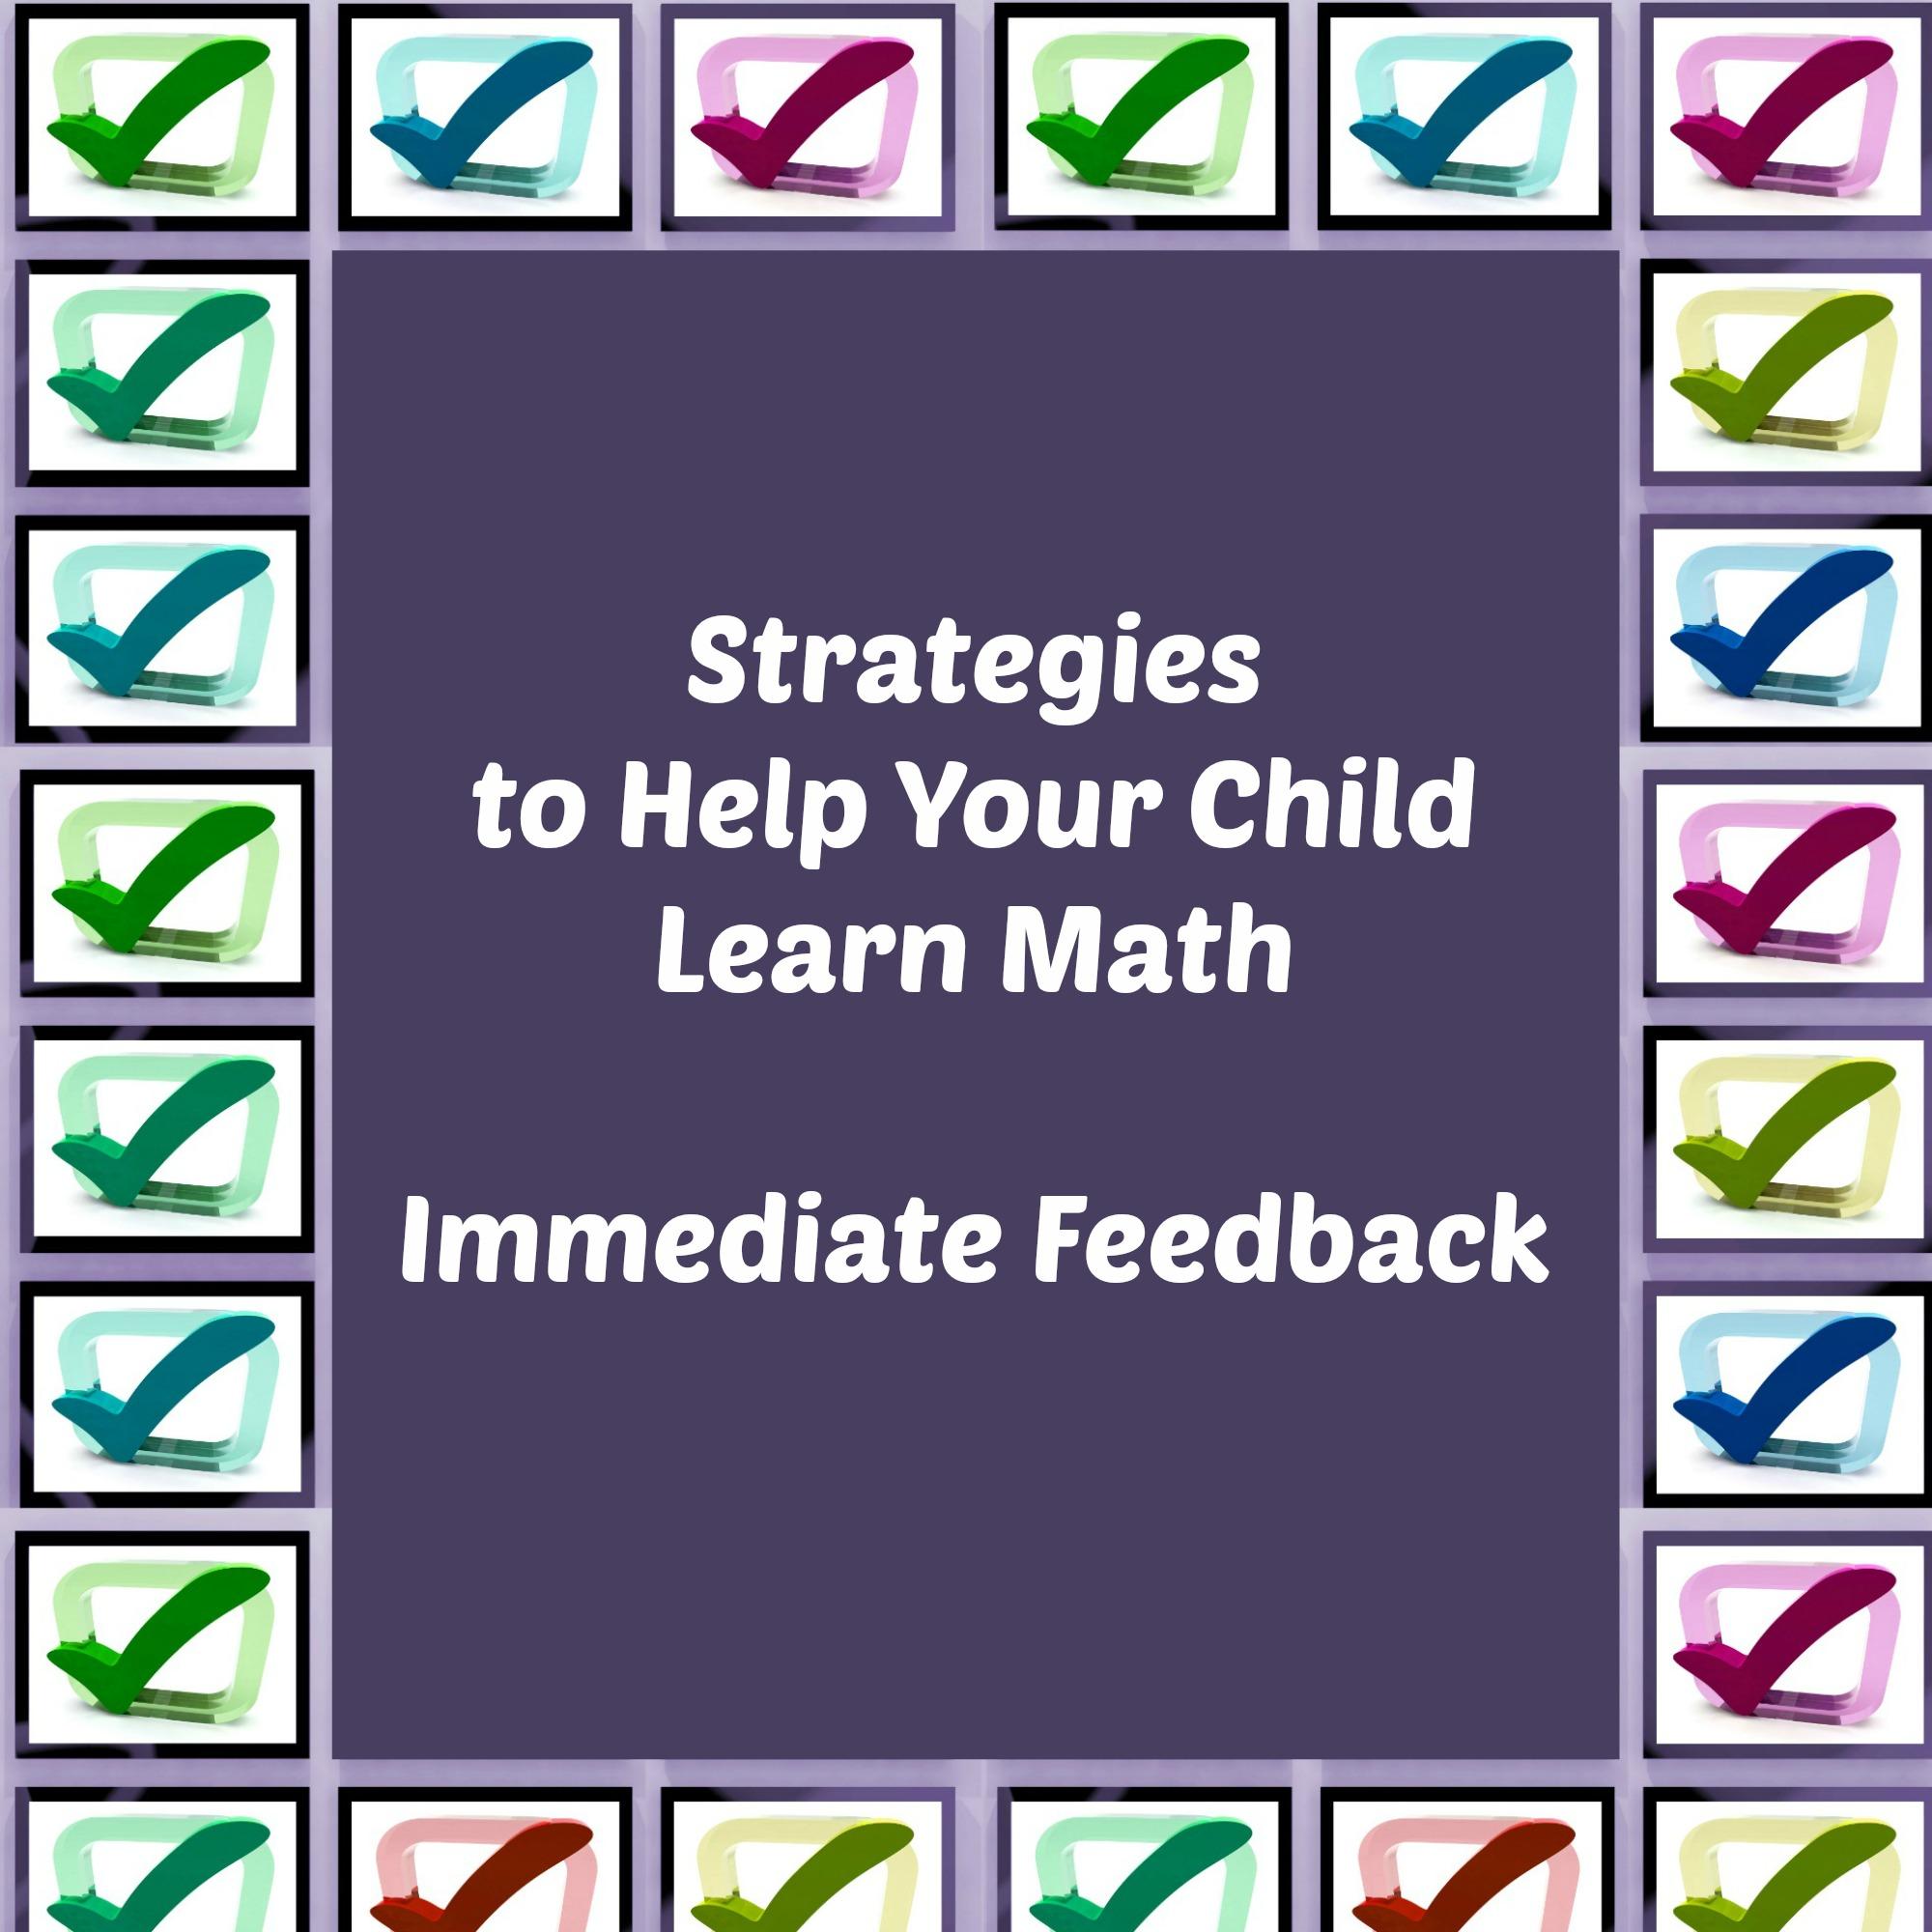 Immediate Feedback Strategies